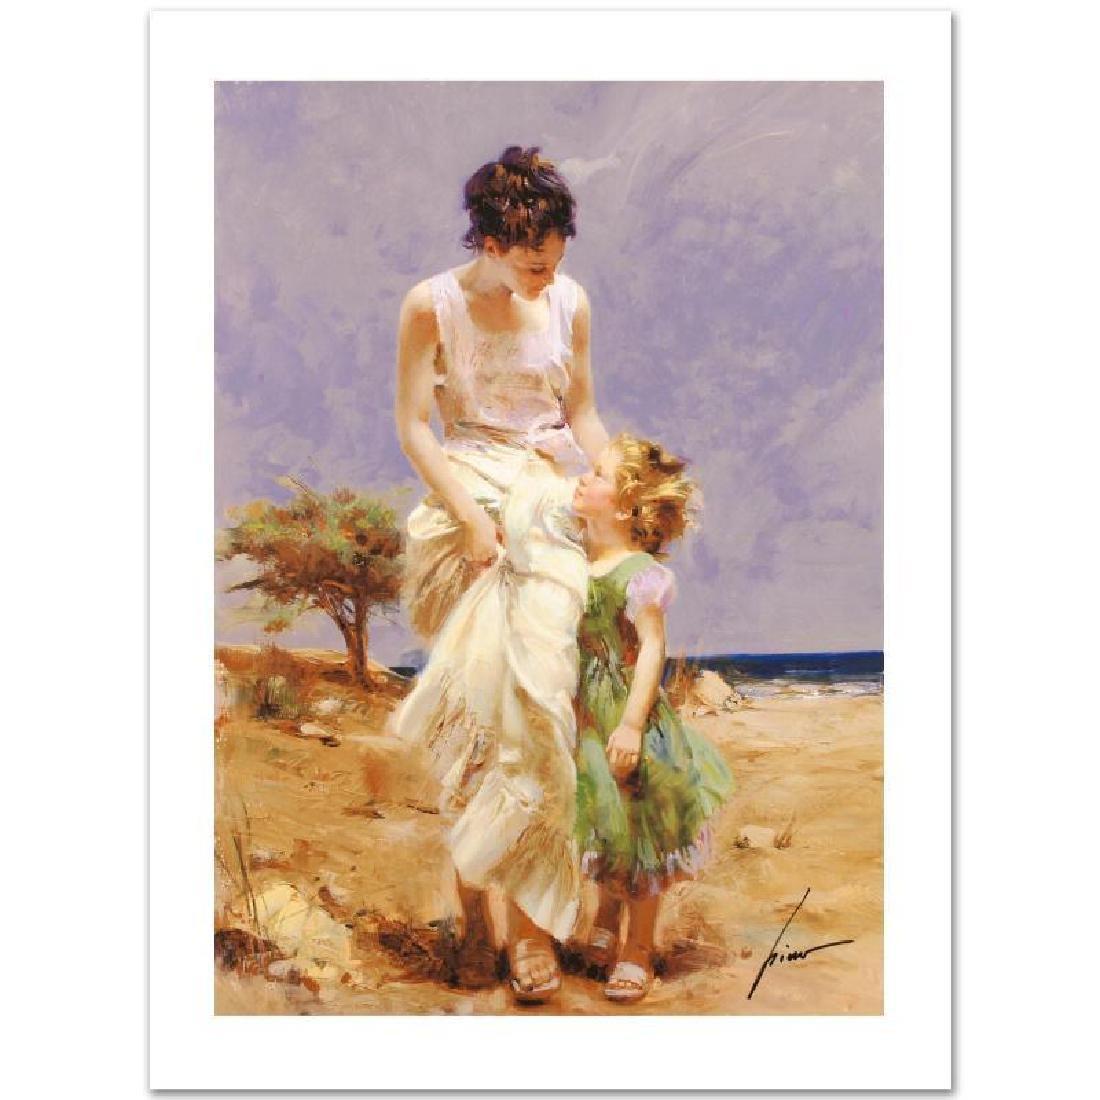 Joyful Memories by Pino (1939-2010)